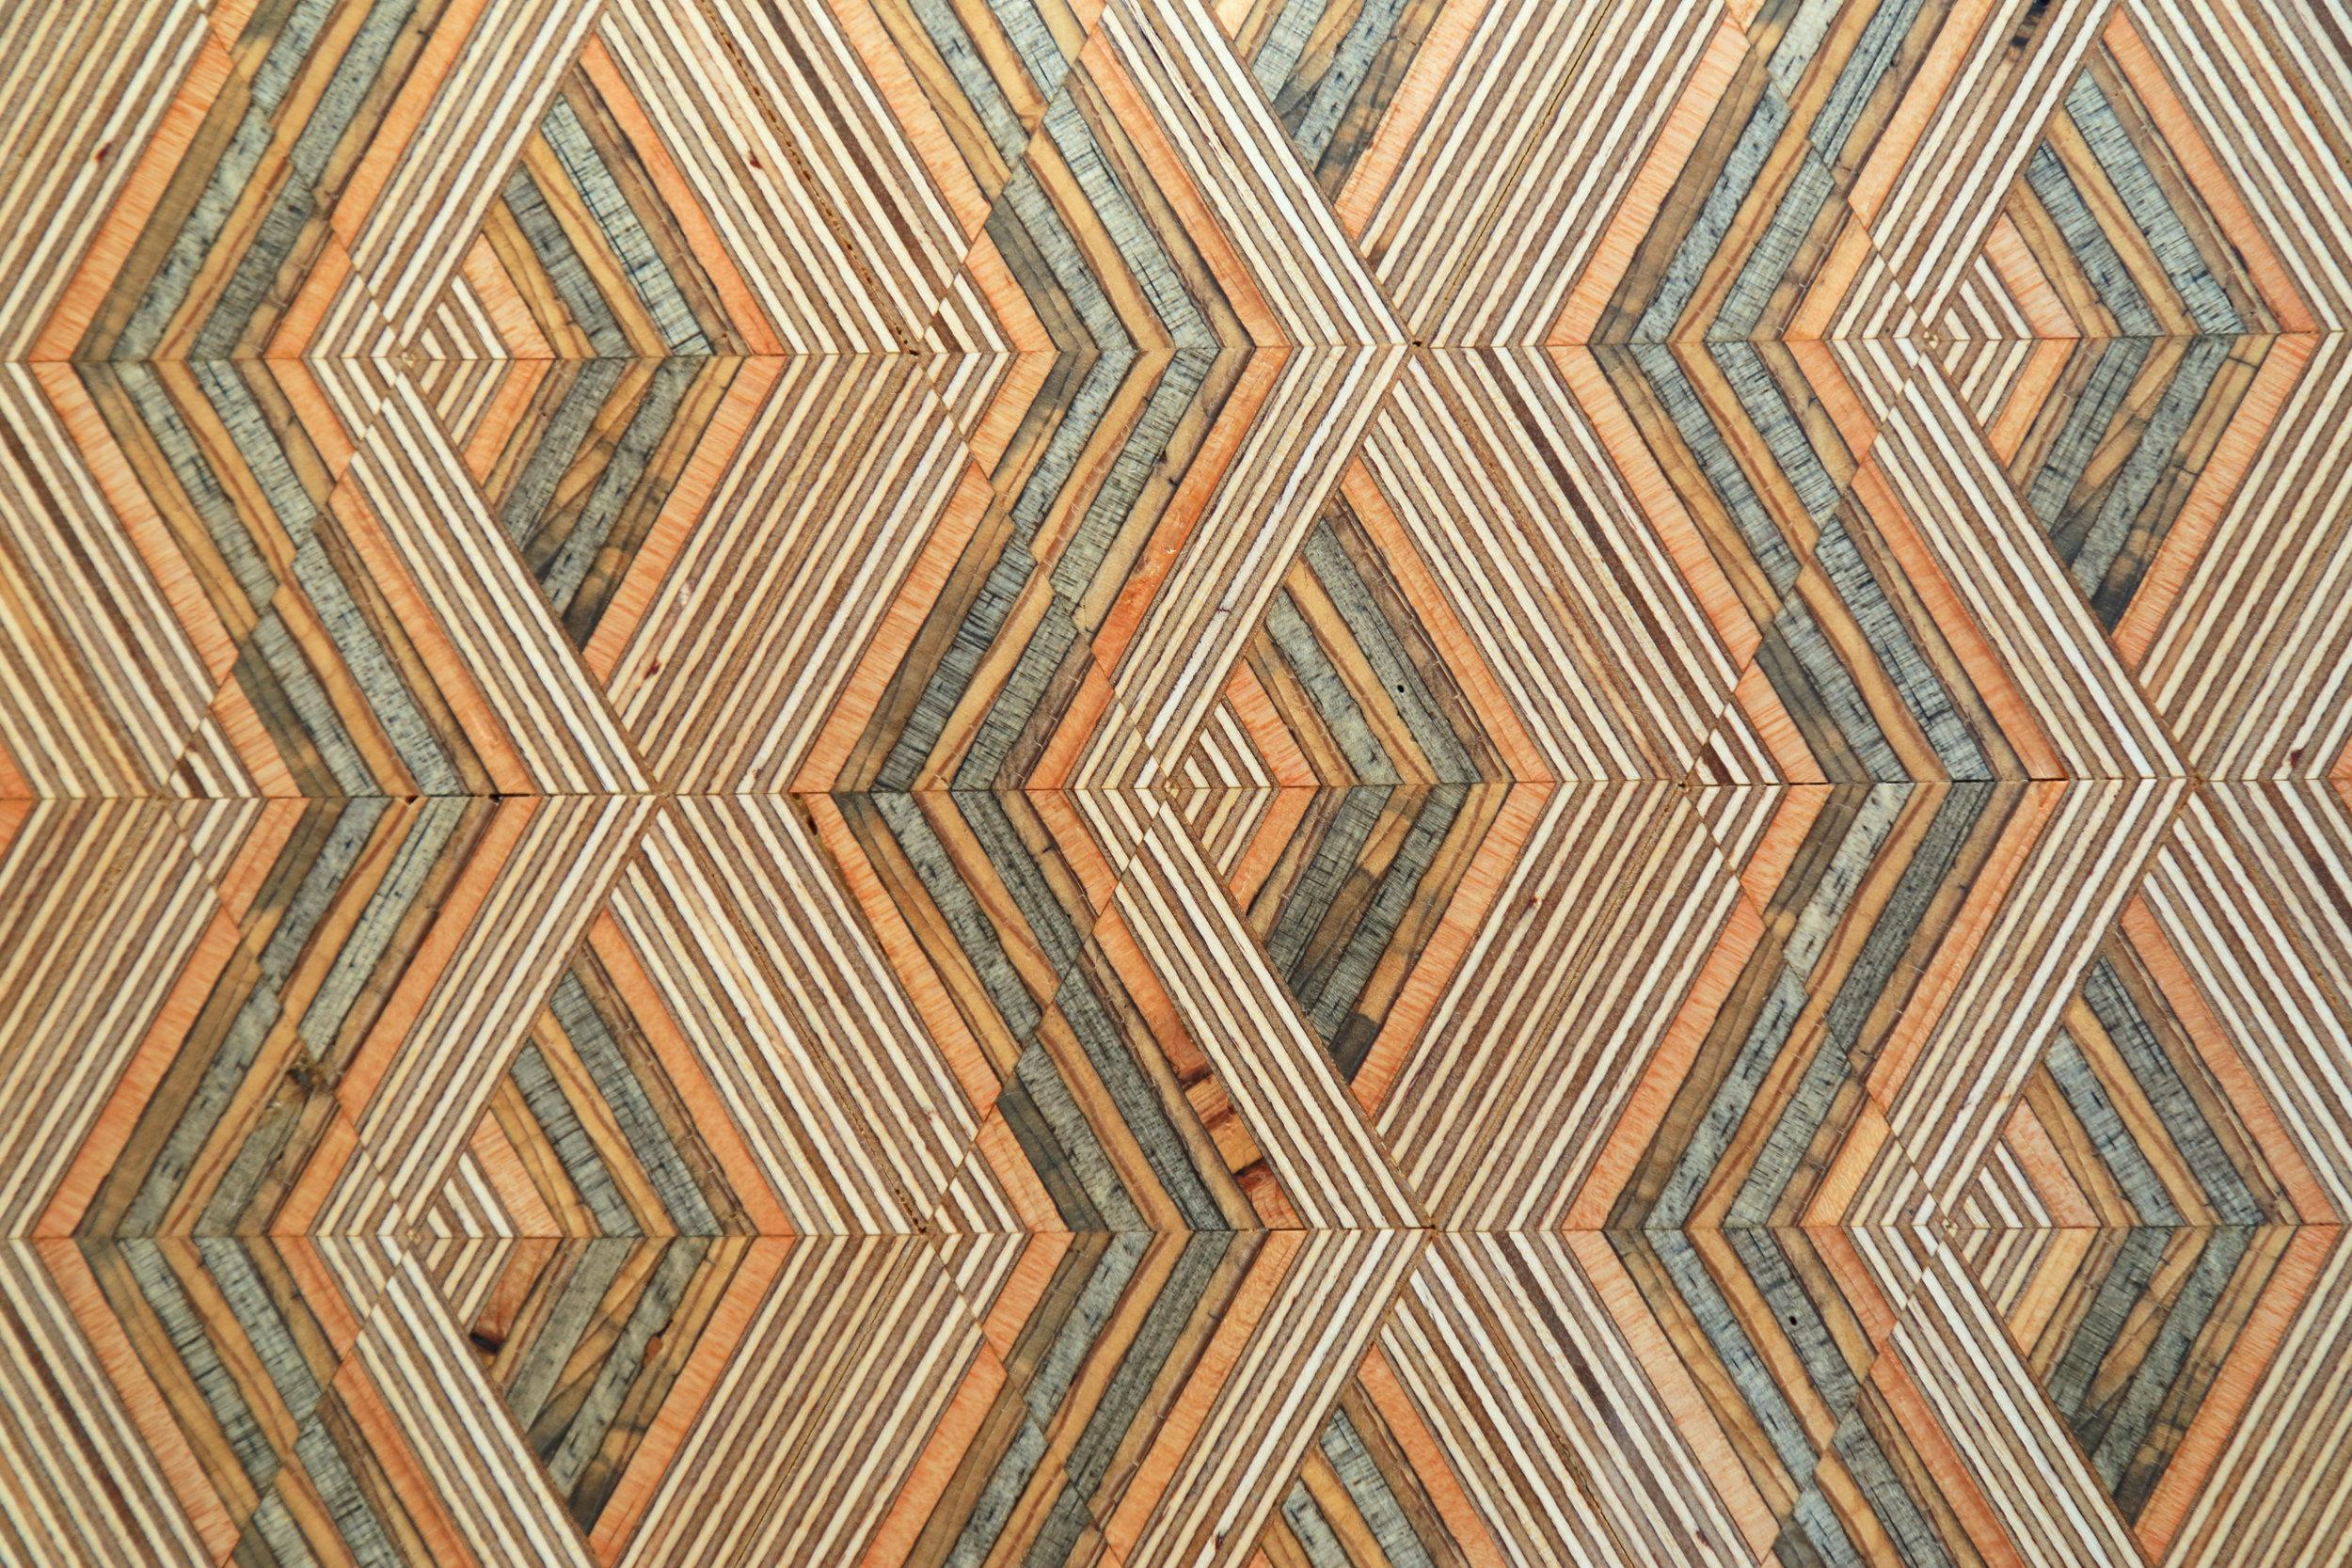 Tile tessellations